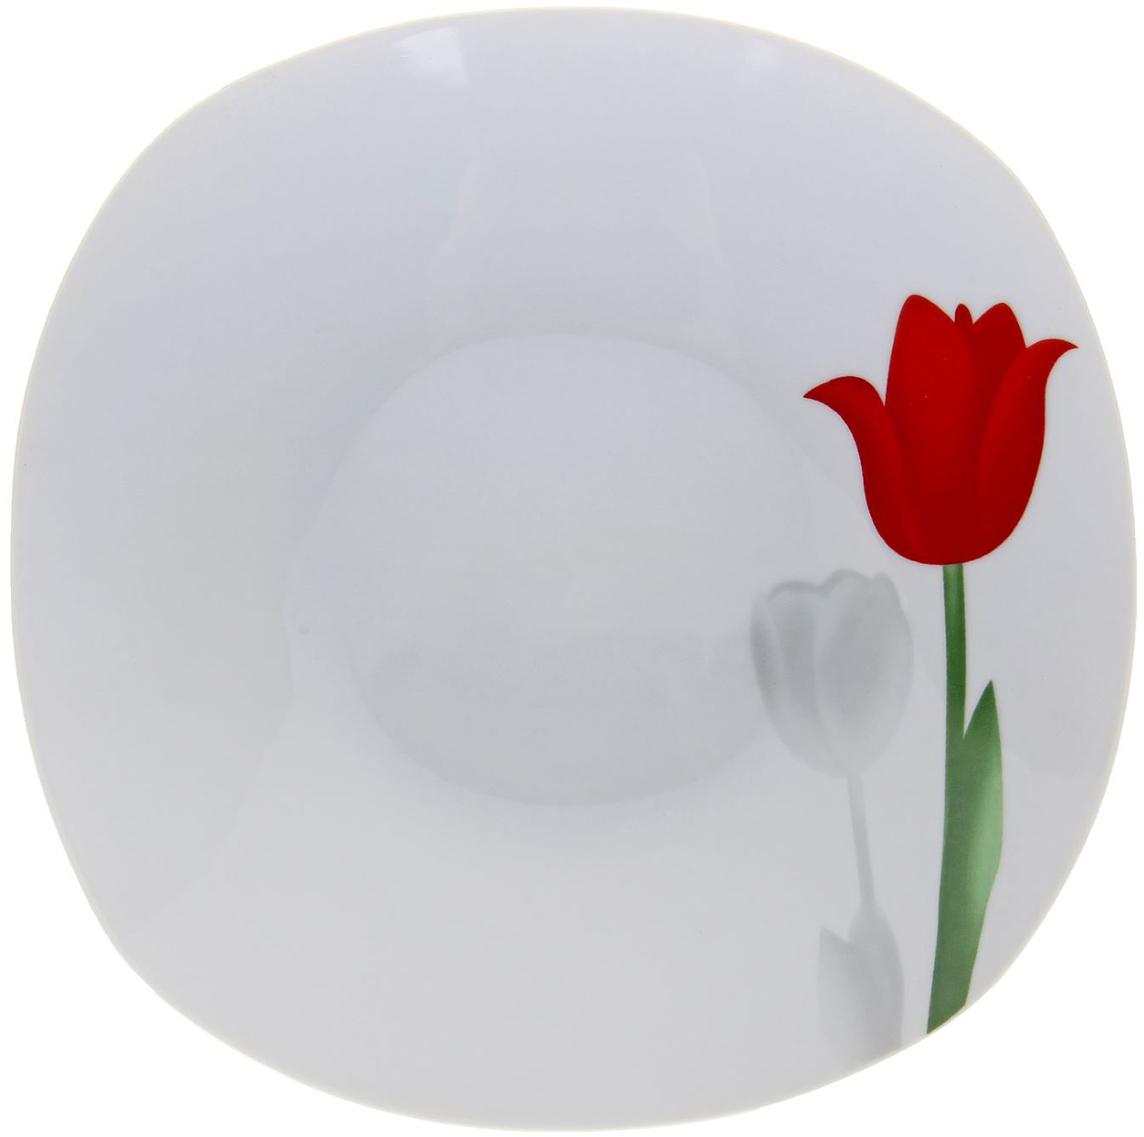 Тарелка суповая Доляна Тюльпаны, диаметр 20 см836455Причудливая гжельская роспись, нежные рисунки акварелью, яркие цветочные мотивы – на нашем сайте вы обнаружите богатейшую коллекцию утонченной керамической посуды для подлинных ценителей бытовой красоты.Тарелка суповая 20 см Тюльпаны входит в необыкновенно изысканную серию столовой керамики. Благодаря эксплуатационным достоинствам и особой энергетике древнего материала вместо усталости от домашних хлопот вы будете ощущать максимальный комфорт и эстетическое удовольствие. Подарите себе ежедневный праздник с яркой и практичной посудой от Сима-ленд!